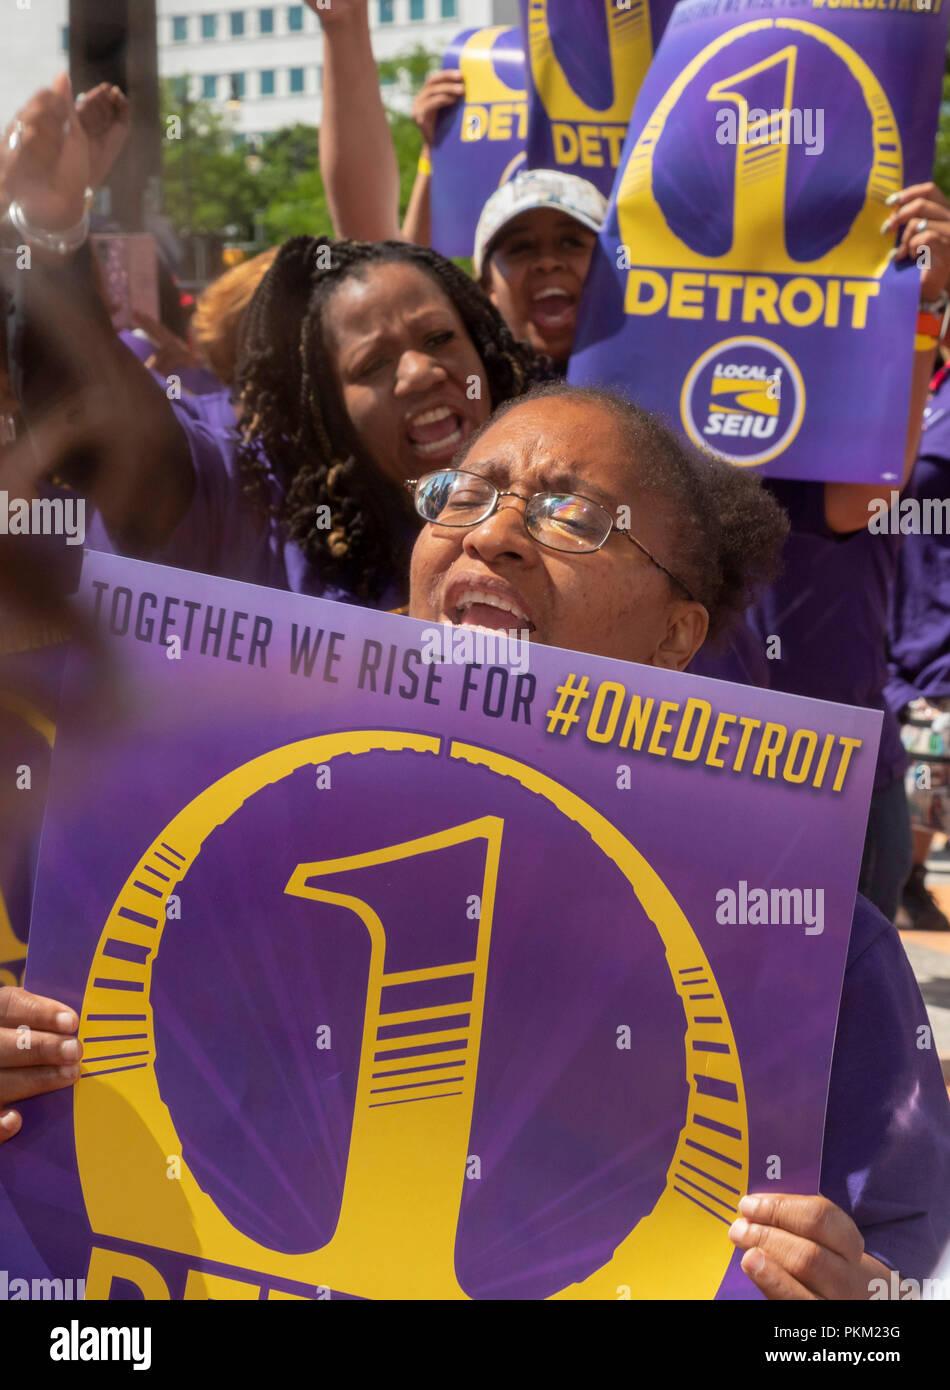 Detroit, Michigan - junto a otros trabajadores de bajos salarios, conserjes en Detroit rally por salarios más altos. Los miembros de la Internacional de Empleados de Servicio U Imagen De Stock